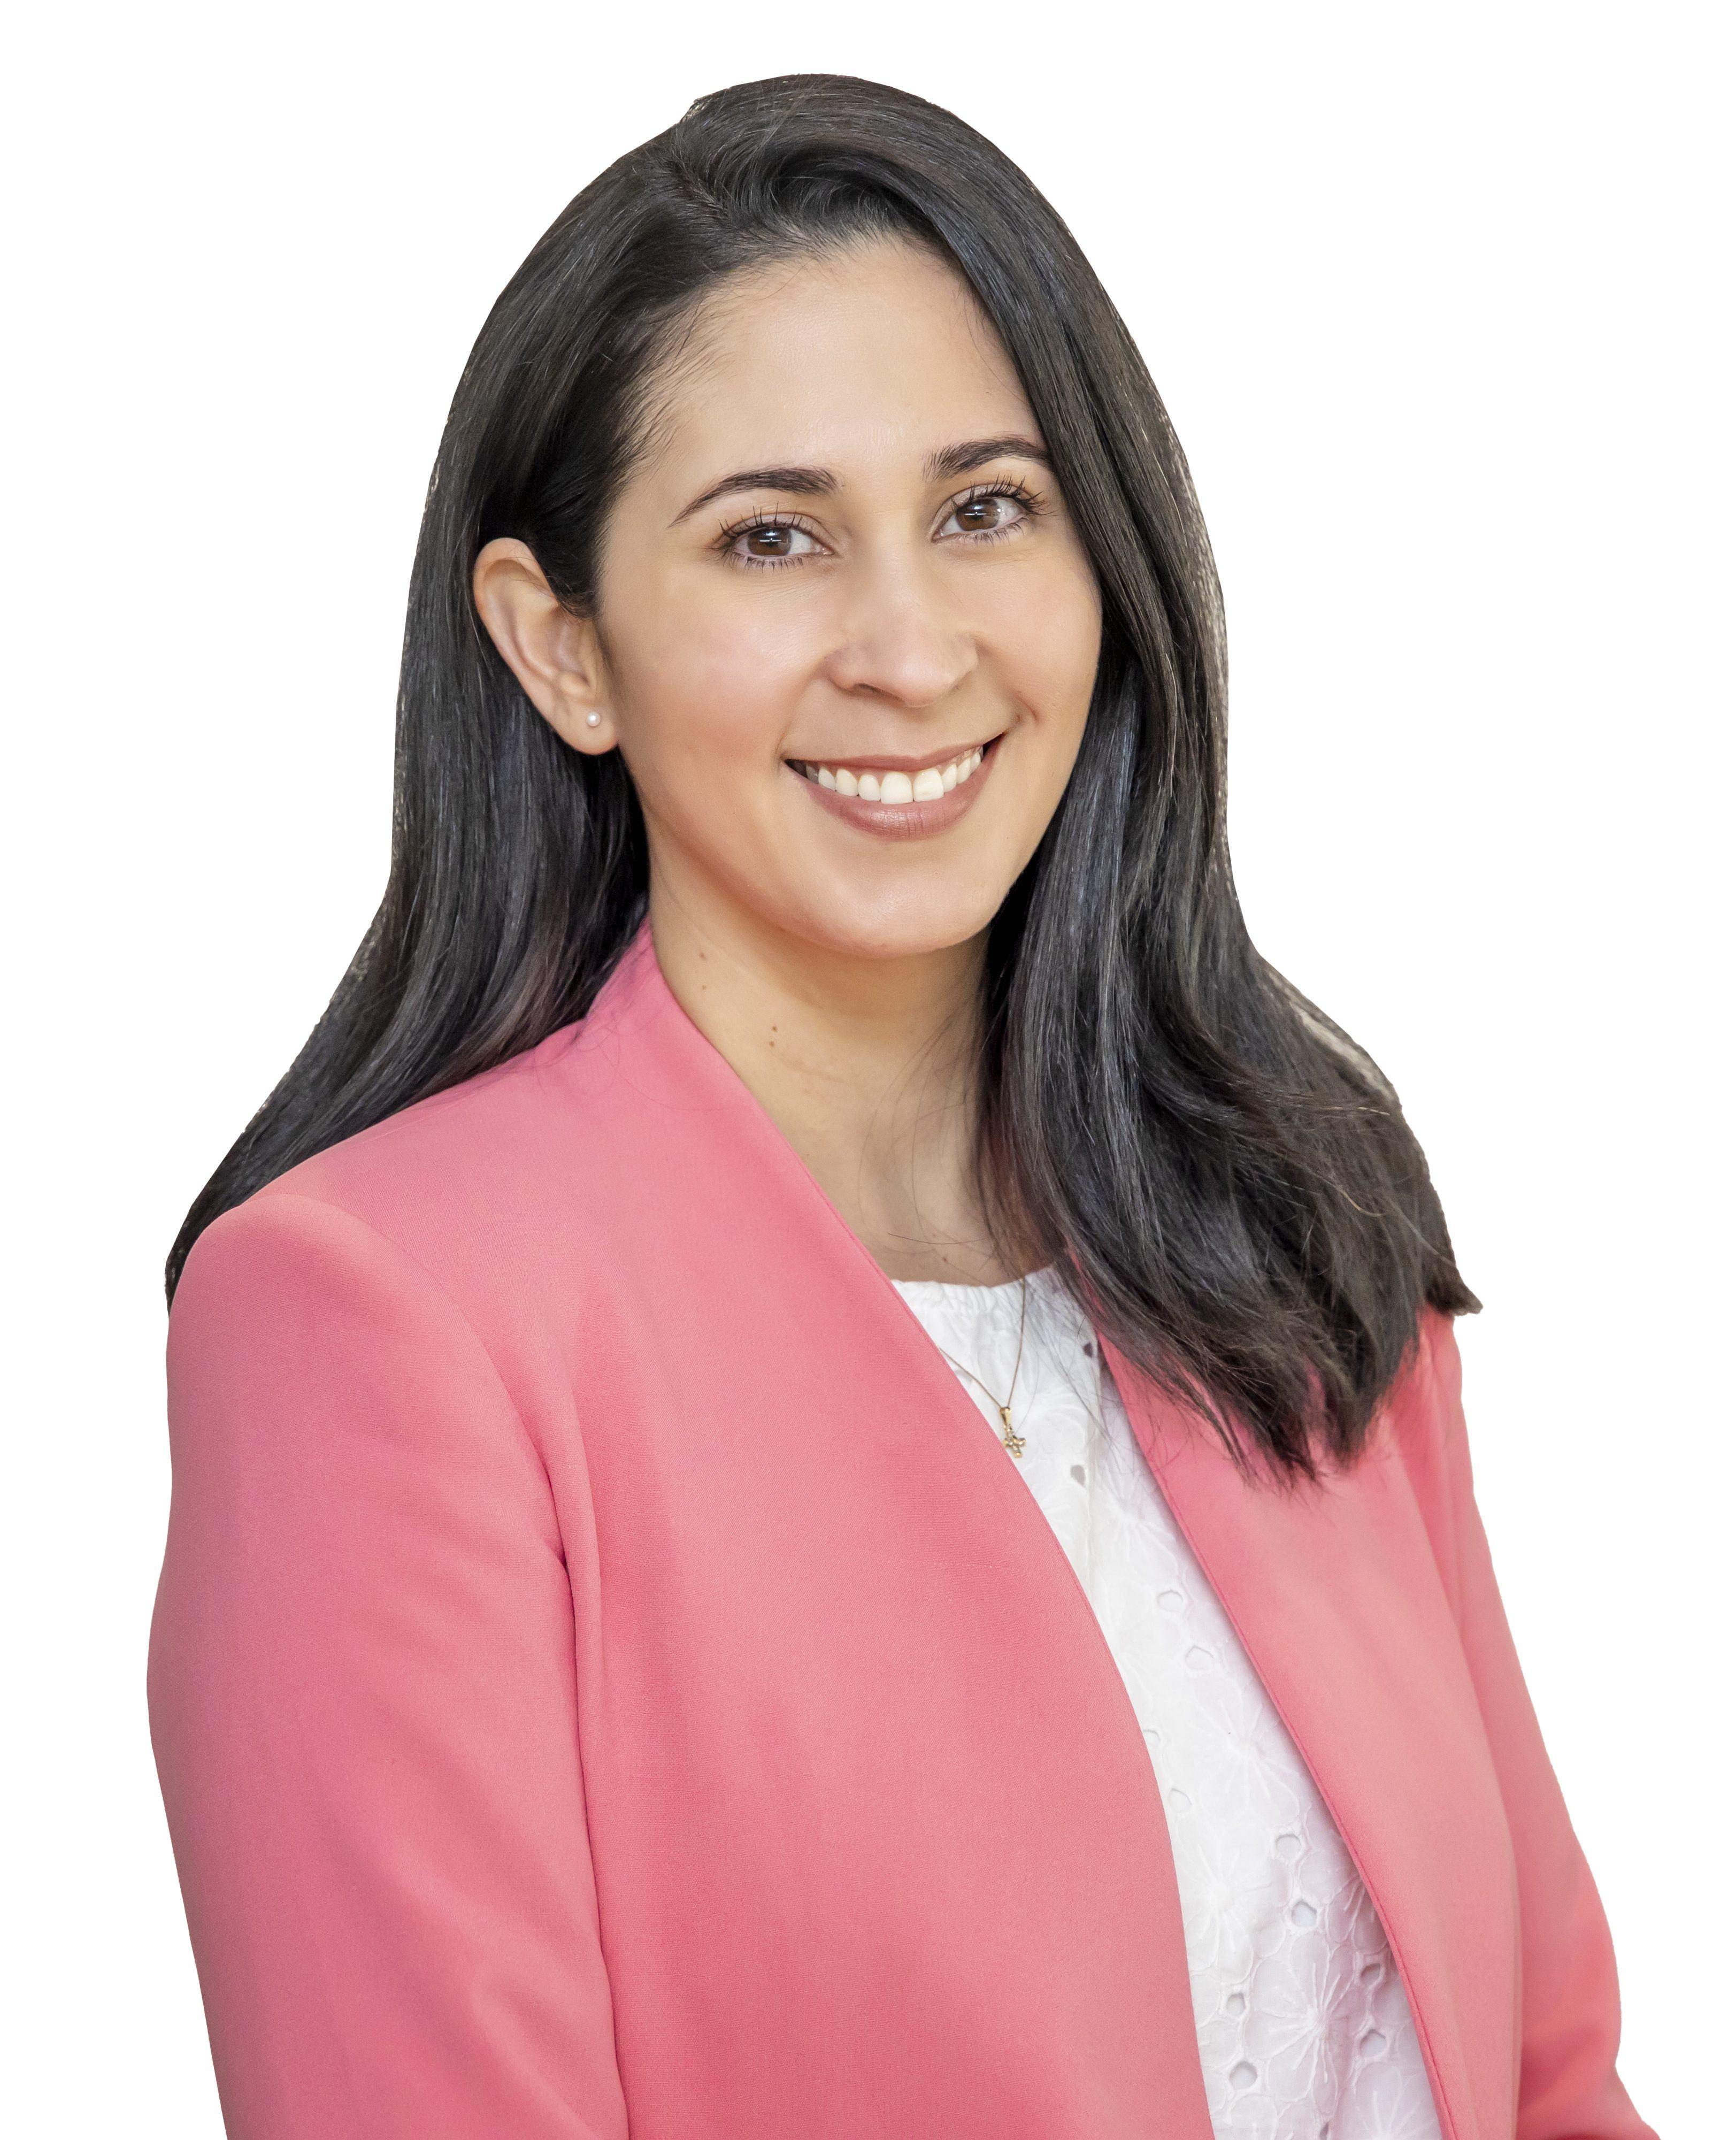 Anna Maria Trujillo